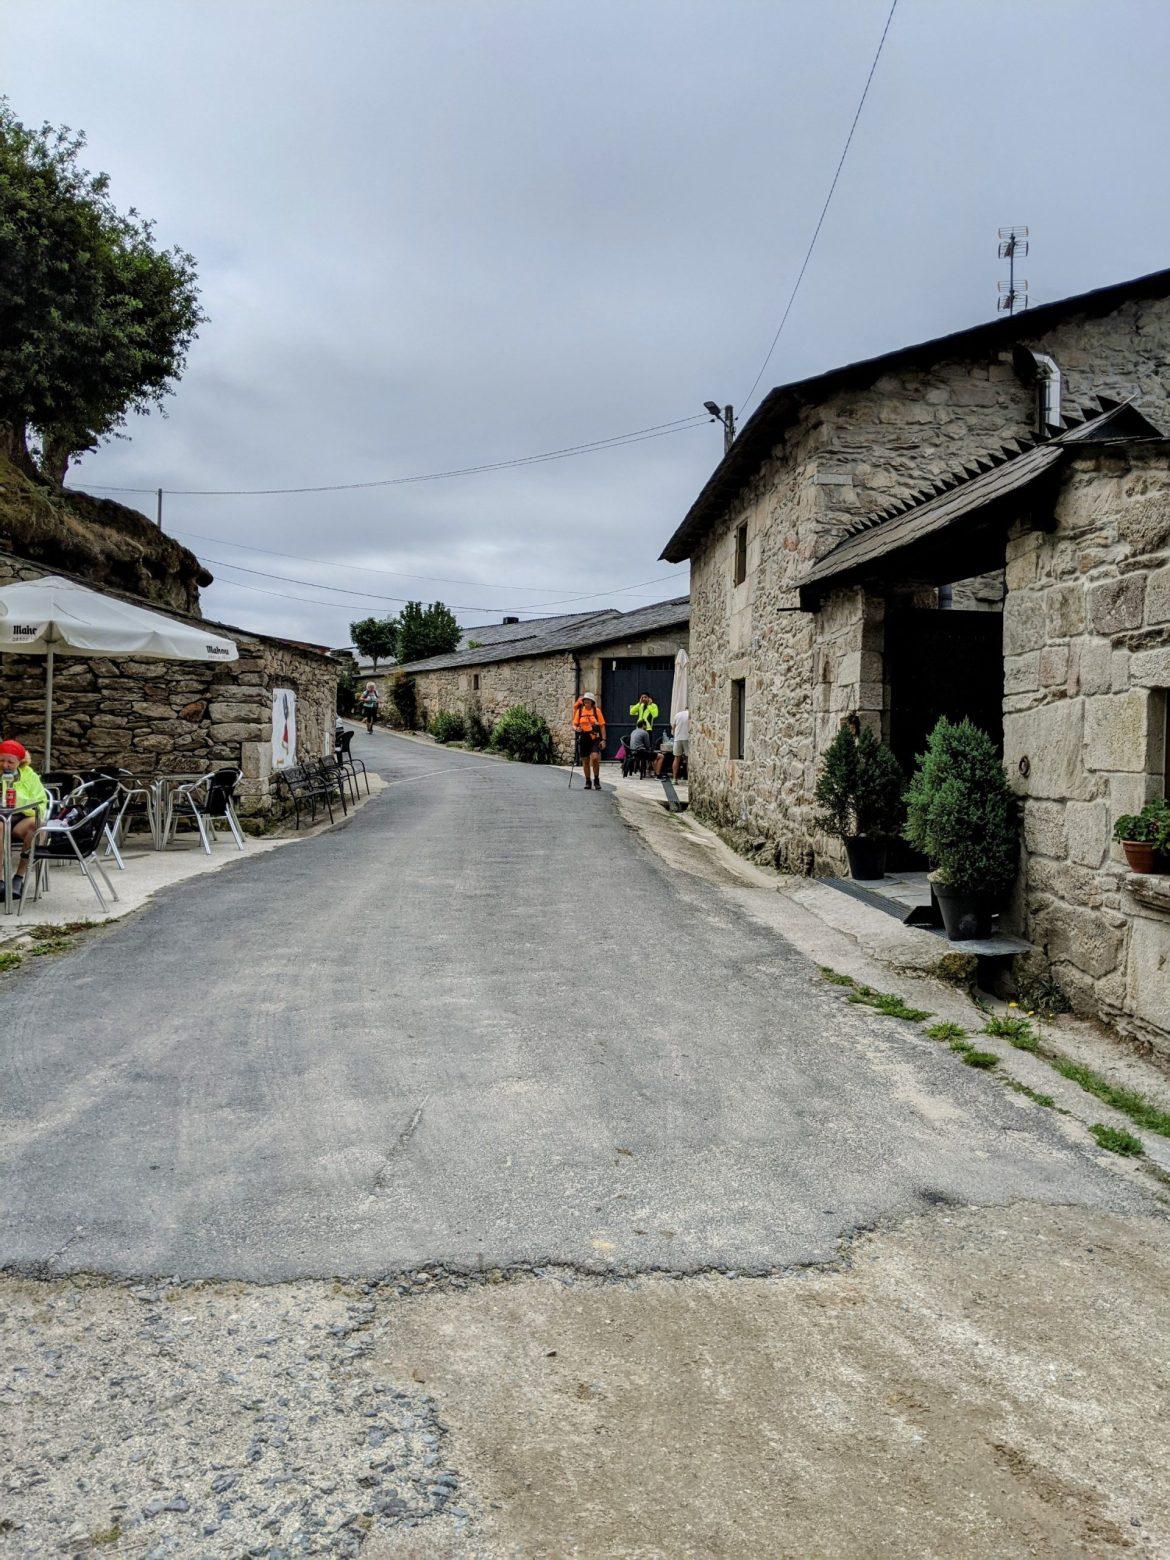 Sarria to Portomarin, The Way, Camino de Santiago, Last 100 km